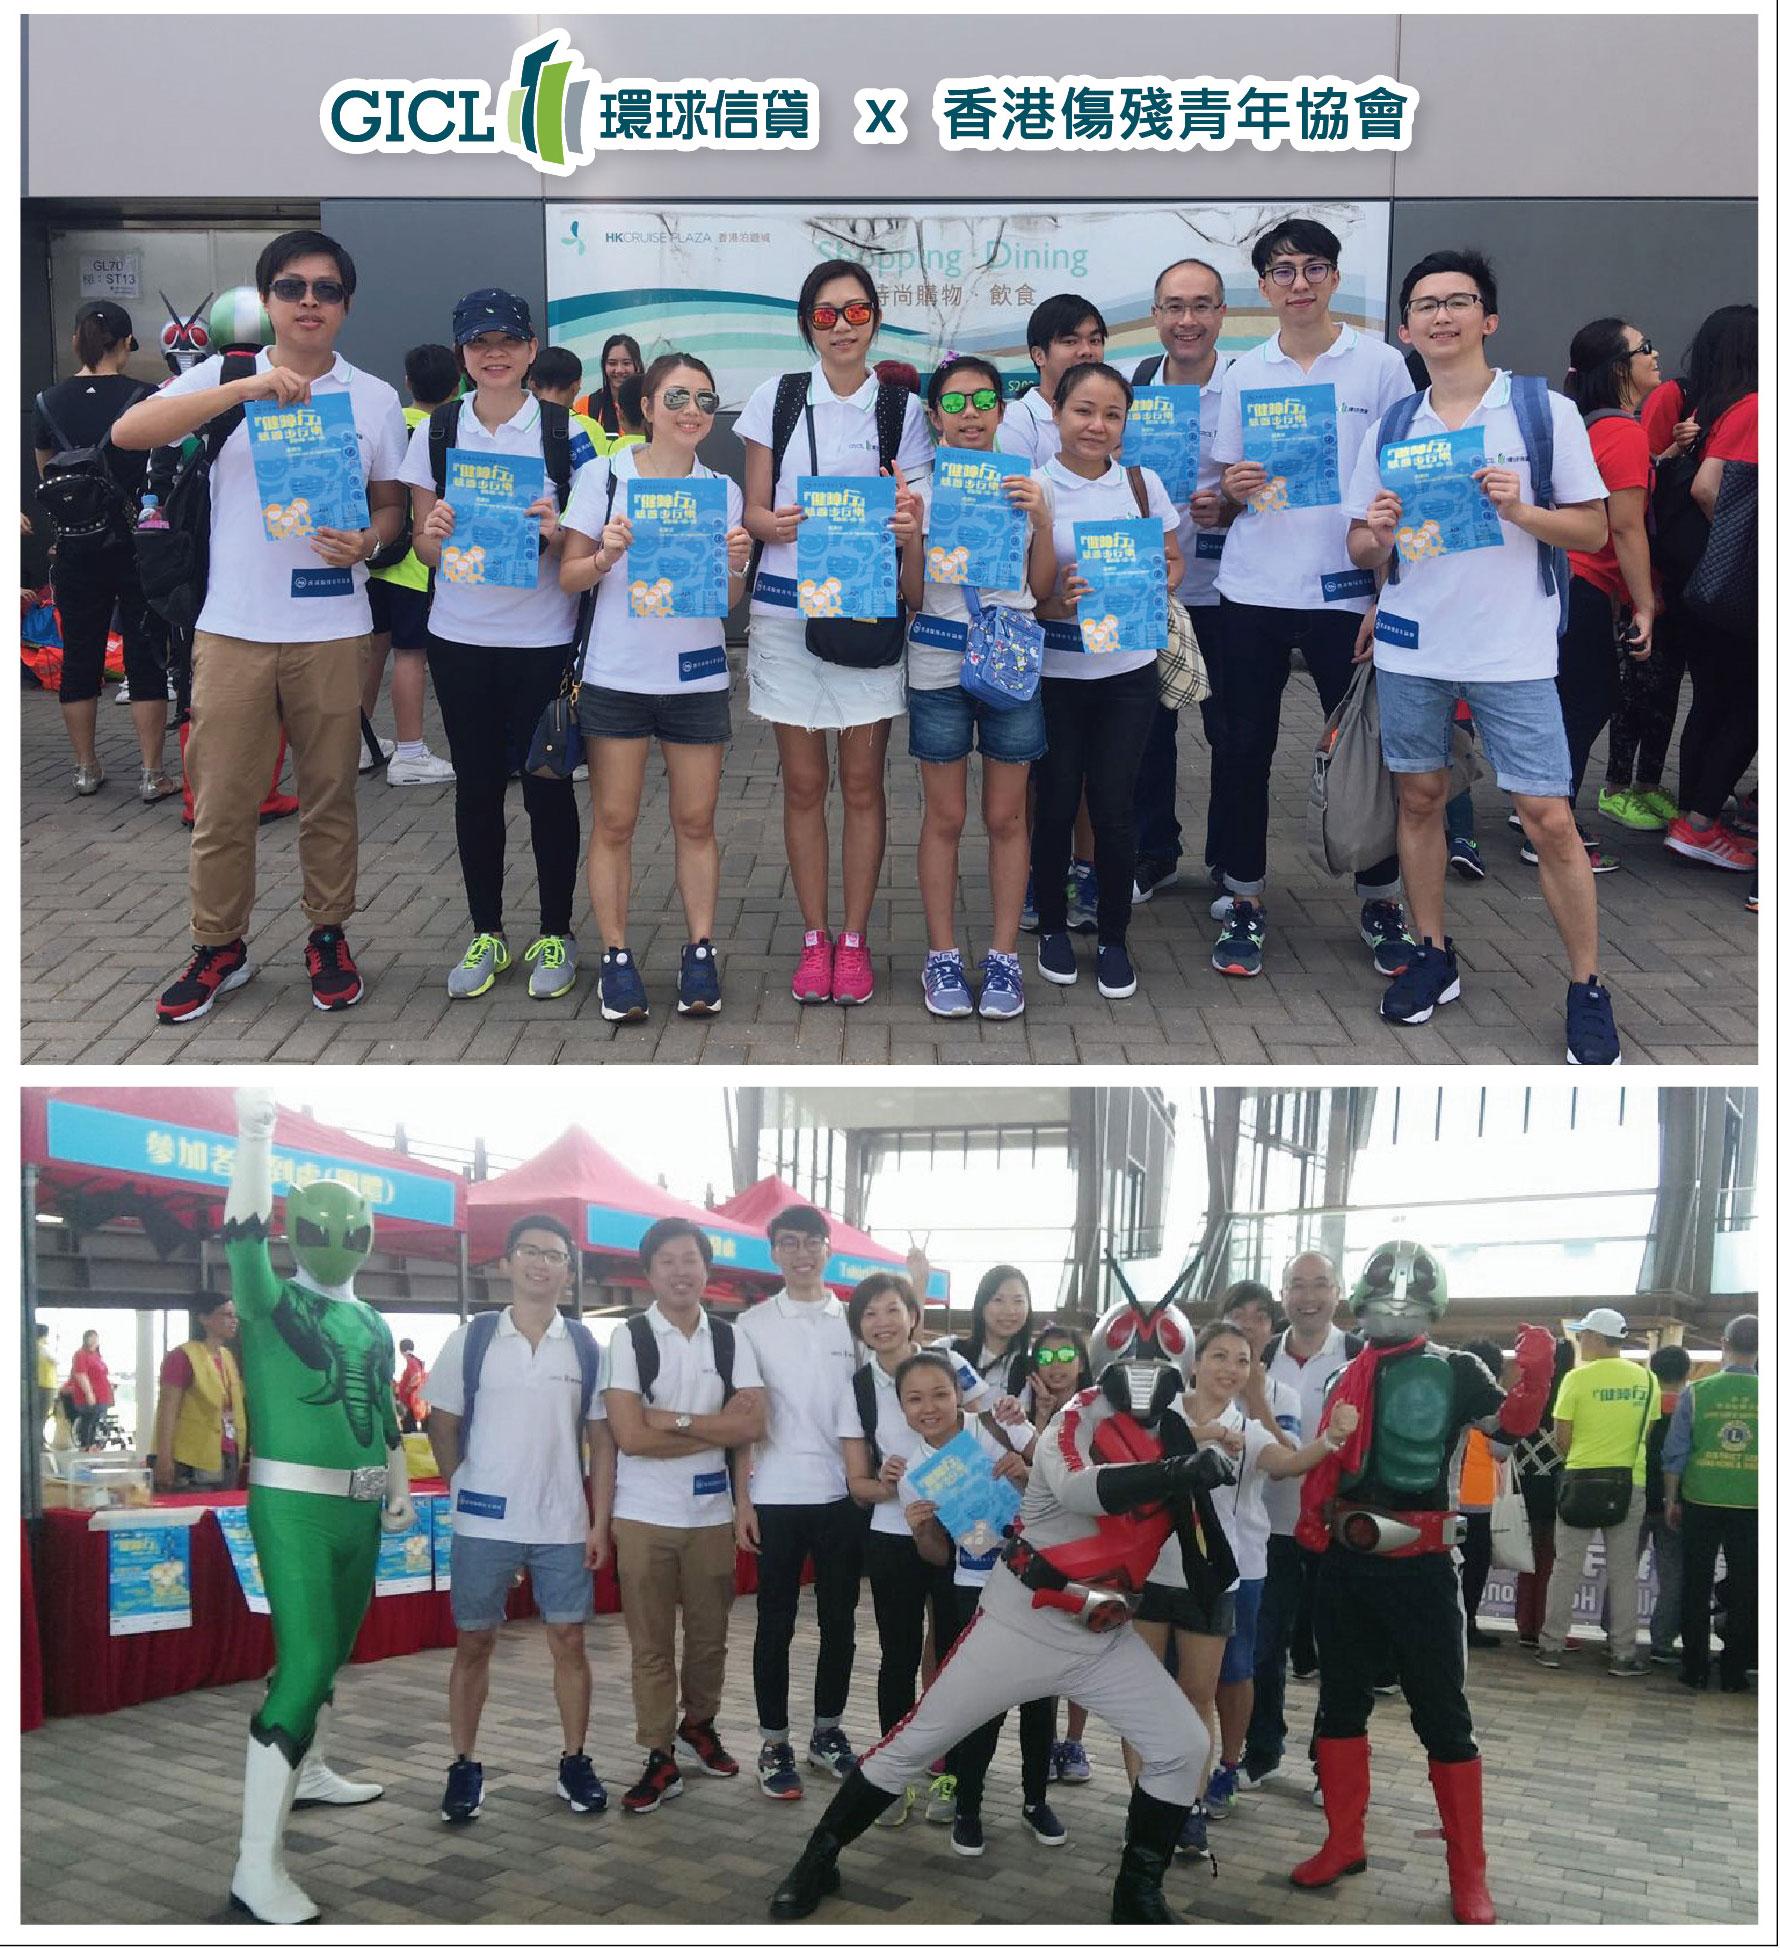 HONG KONG FEDERATION OF HANDICAPPED YOUTH – JOY CHARITY WALK 2016